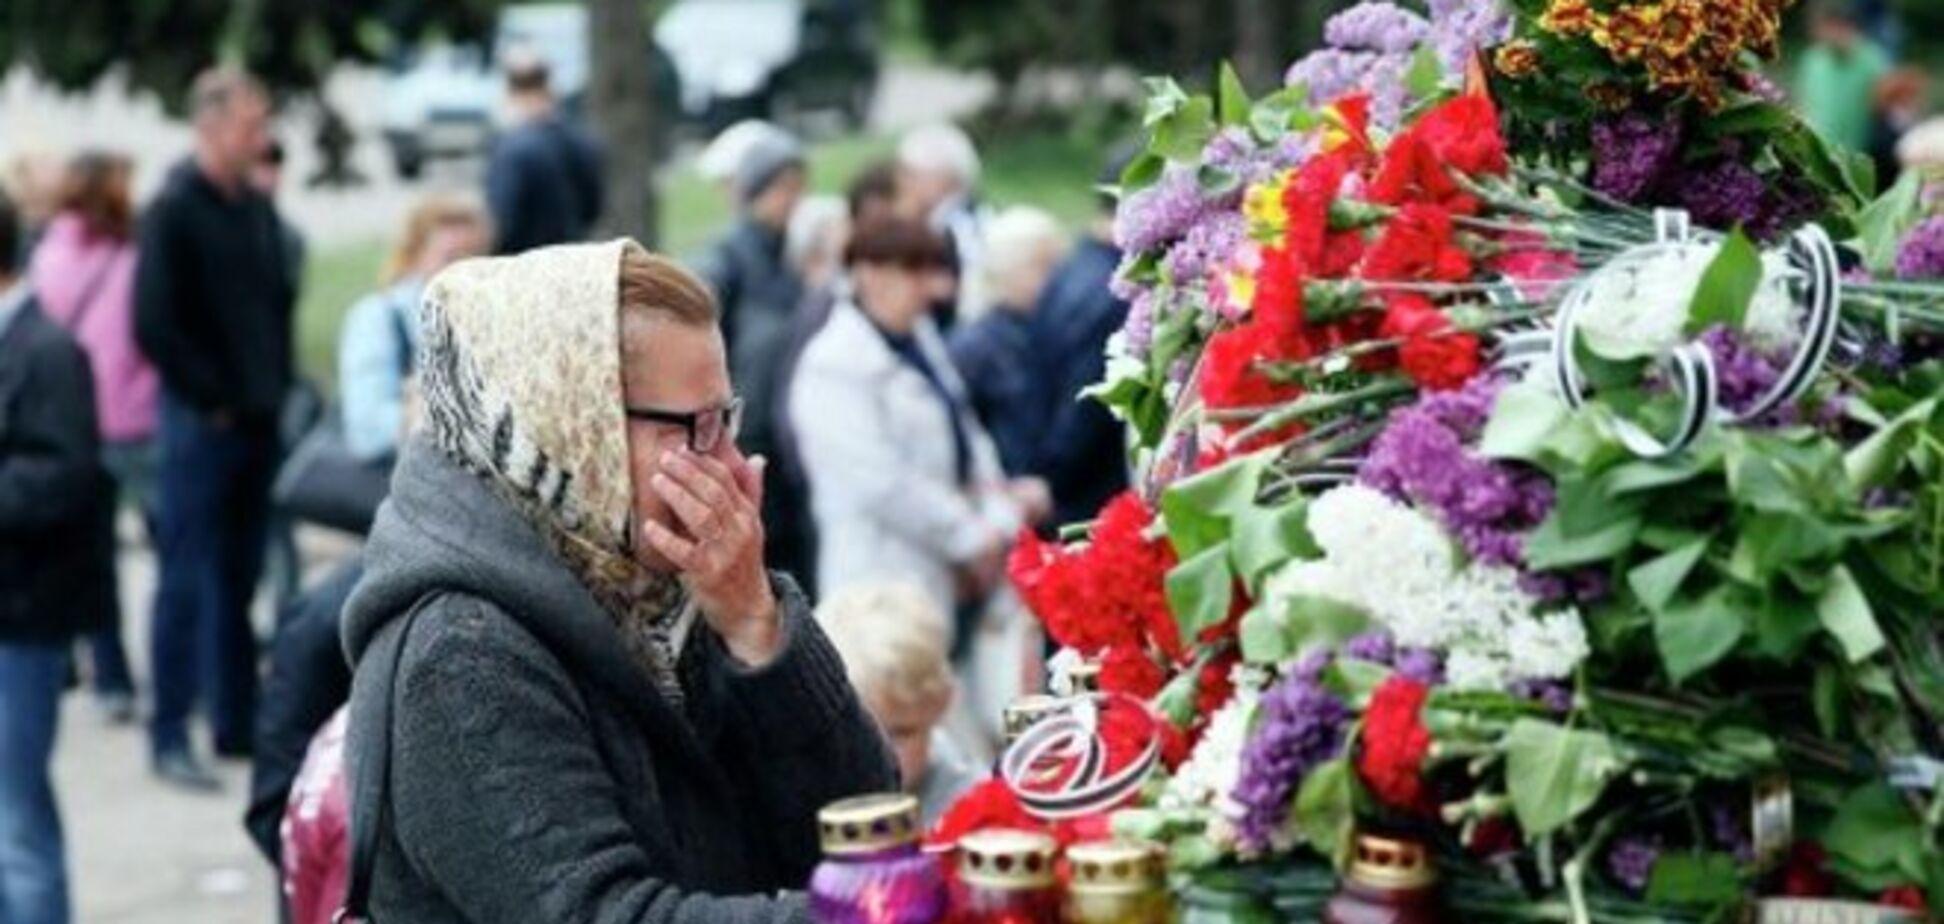 В МВД заявили о причастности руководителей штабов кандидата на пост мэра Одессы к трагедии 2 мая